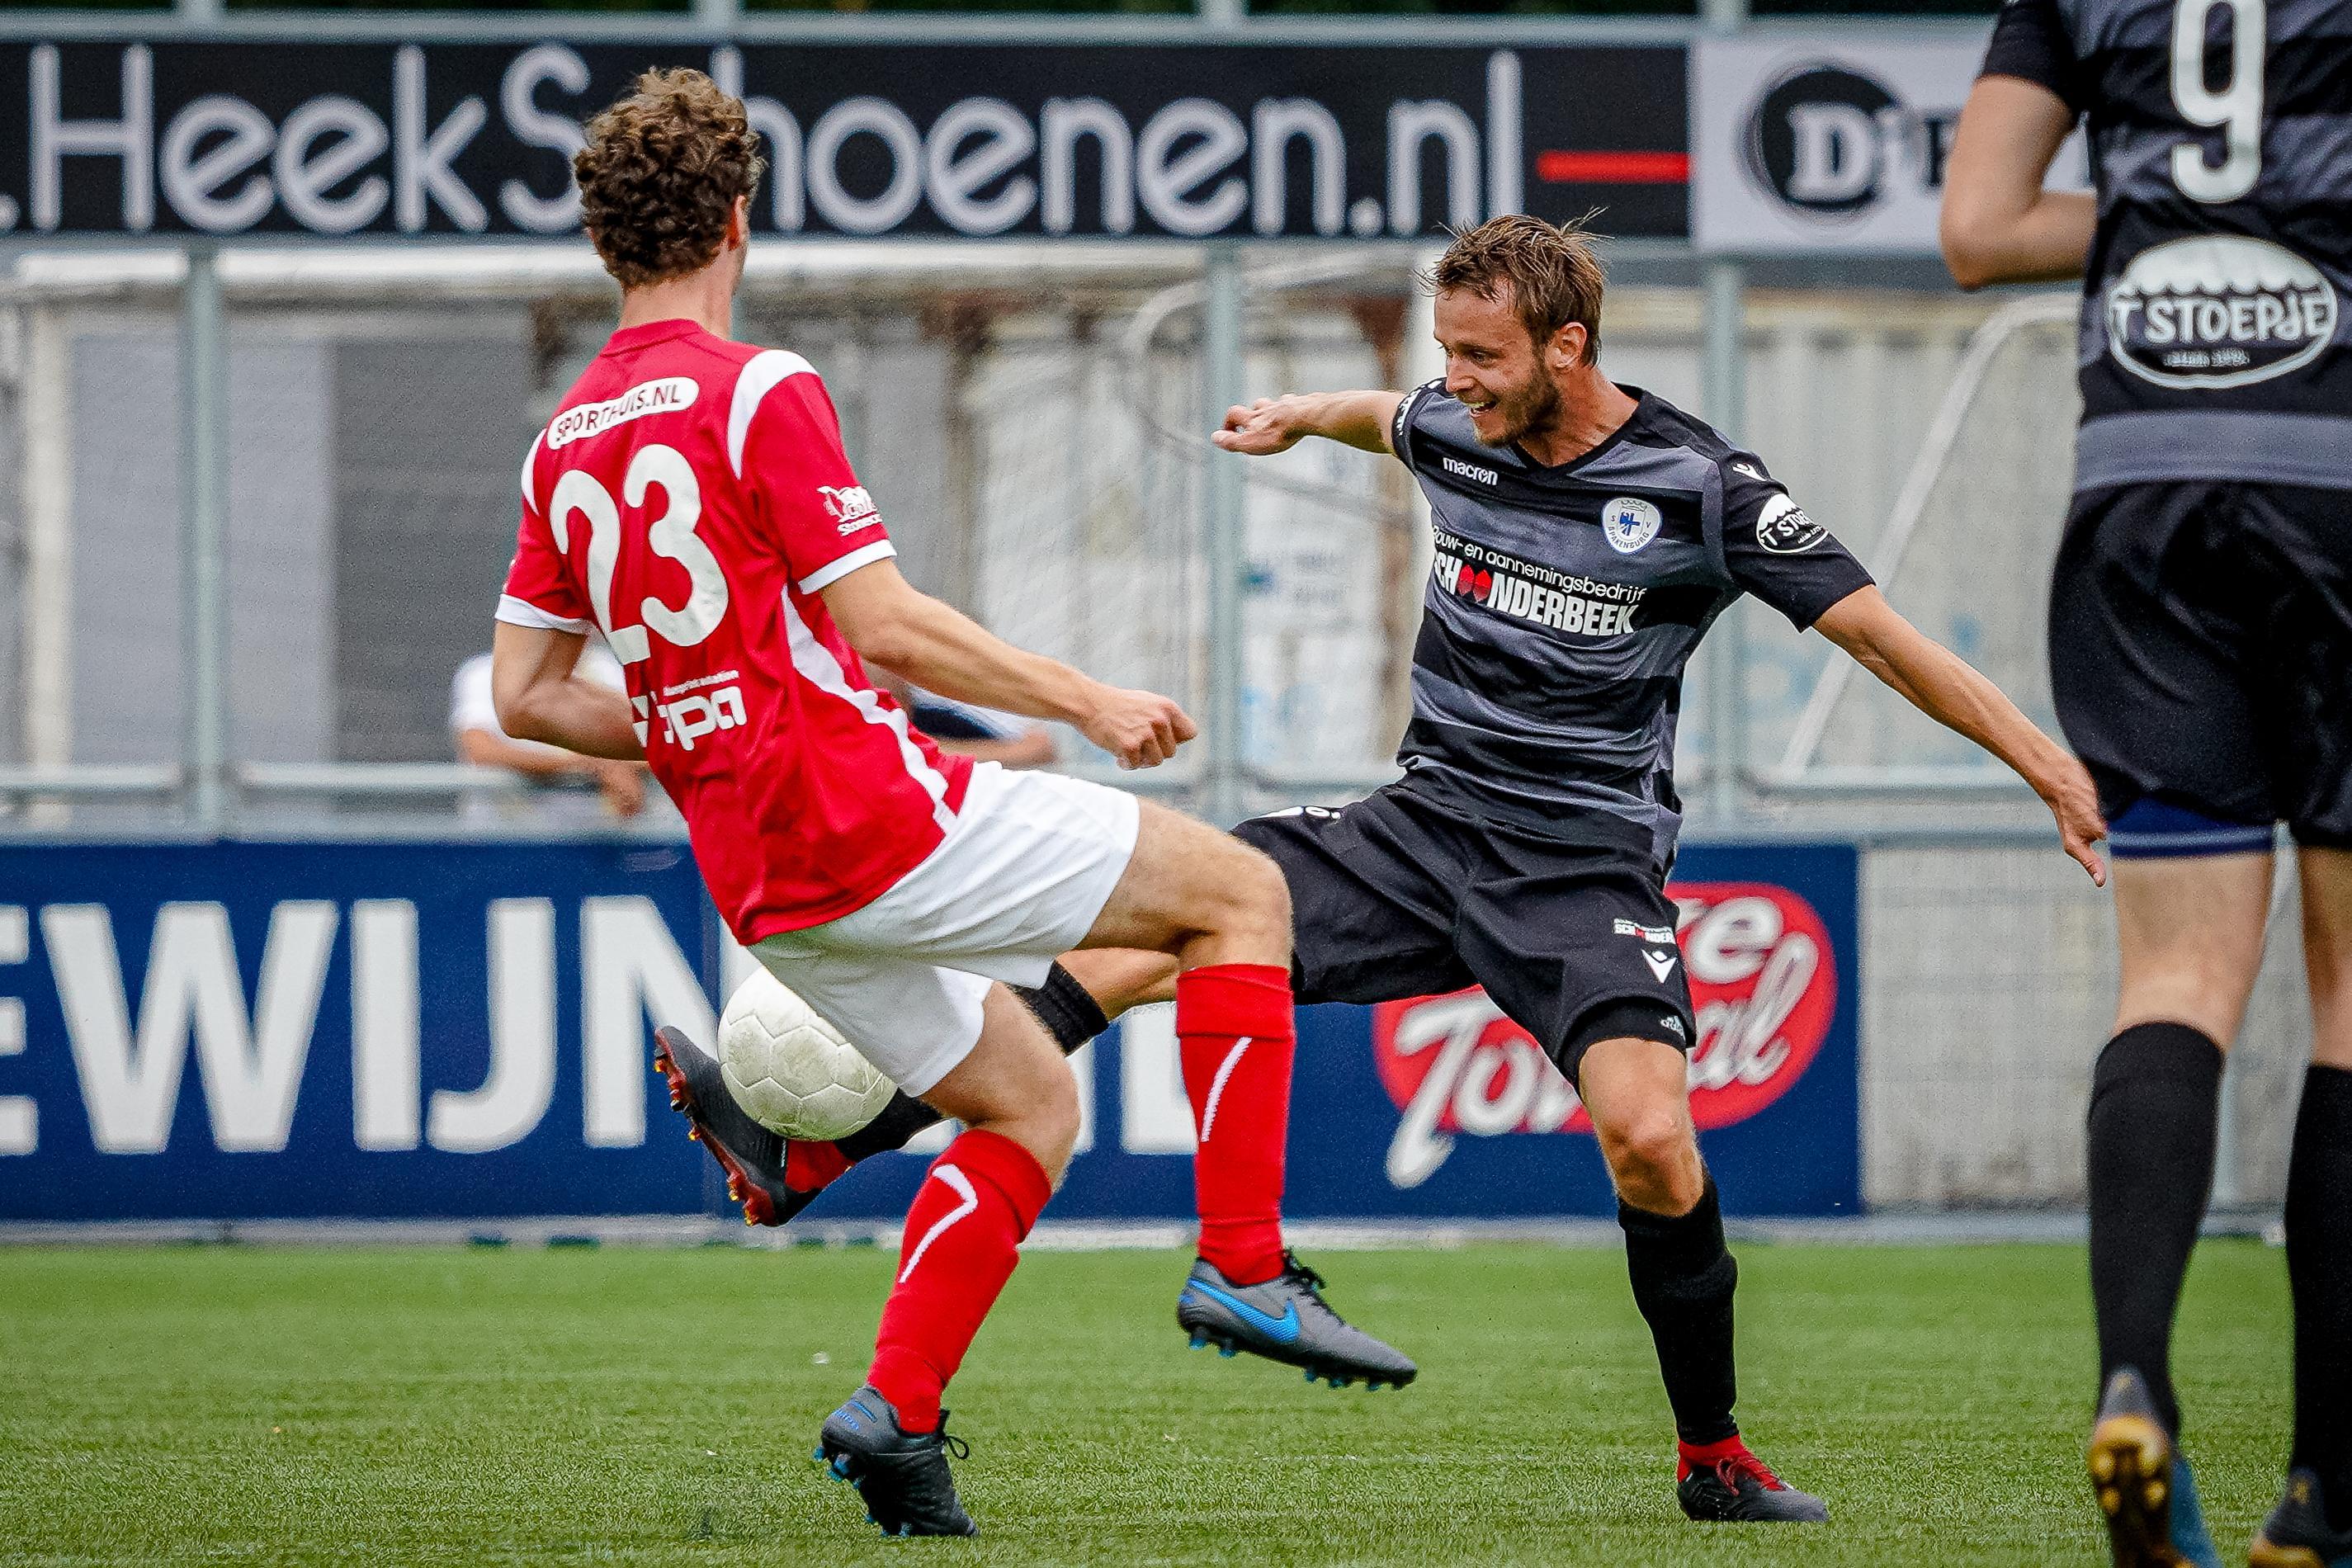 Frank Olijve ziet overgang van De Graafschap naar Spakenburg niet als een stap terug: 'Het was ook niet noodgedwongen'